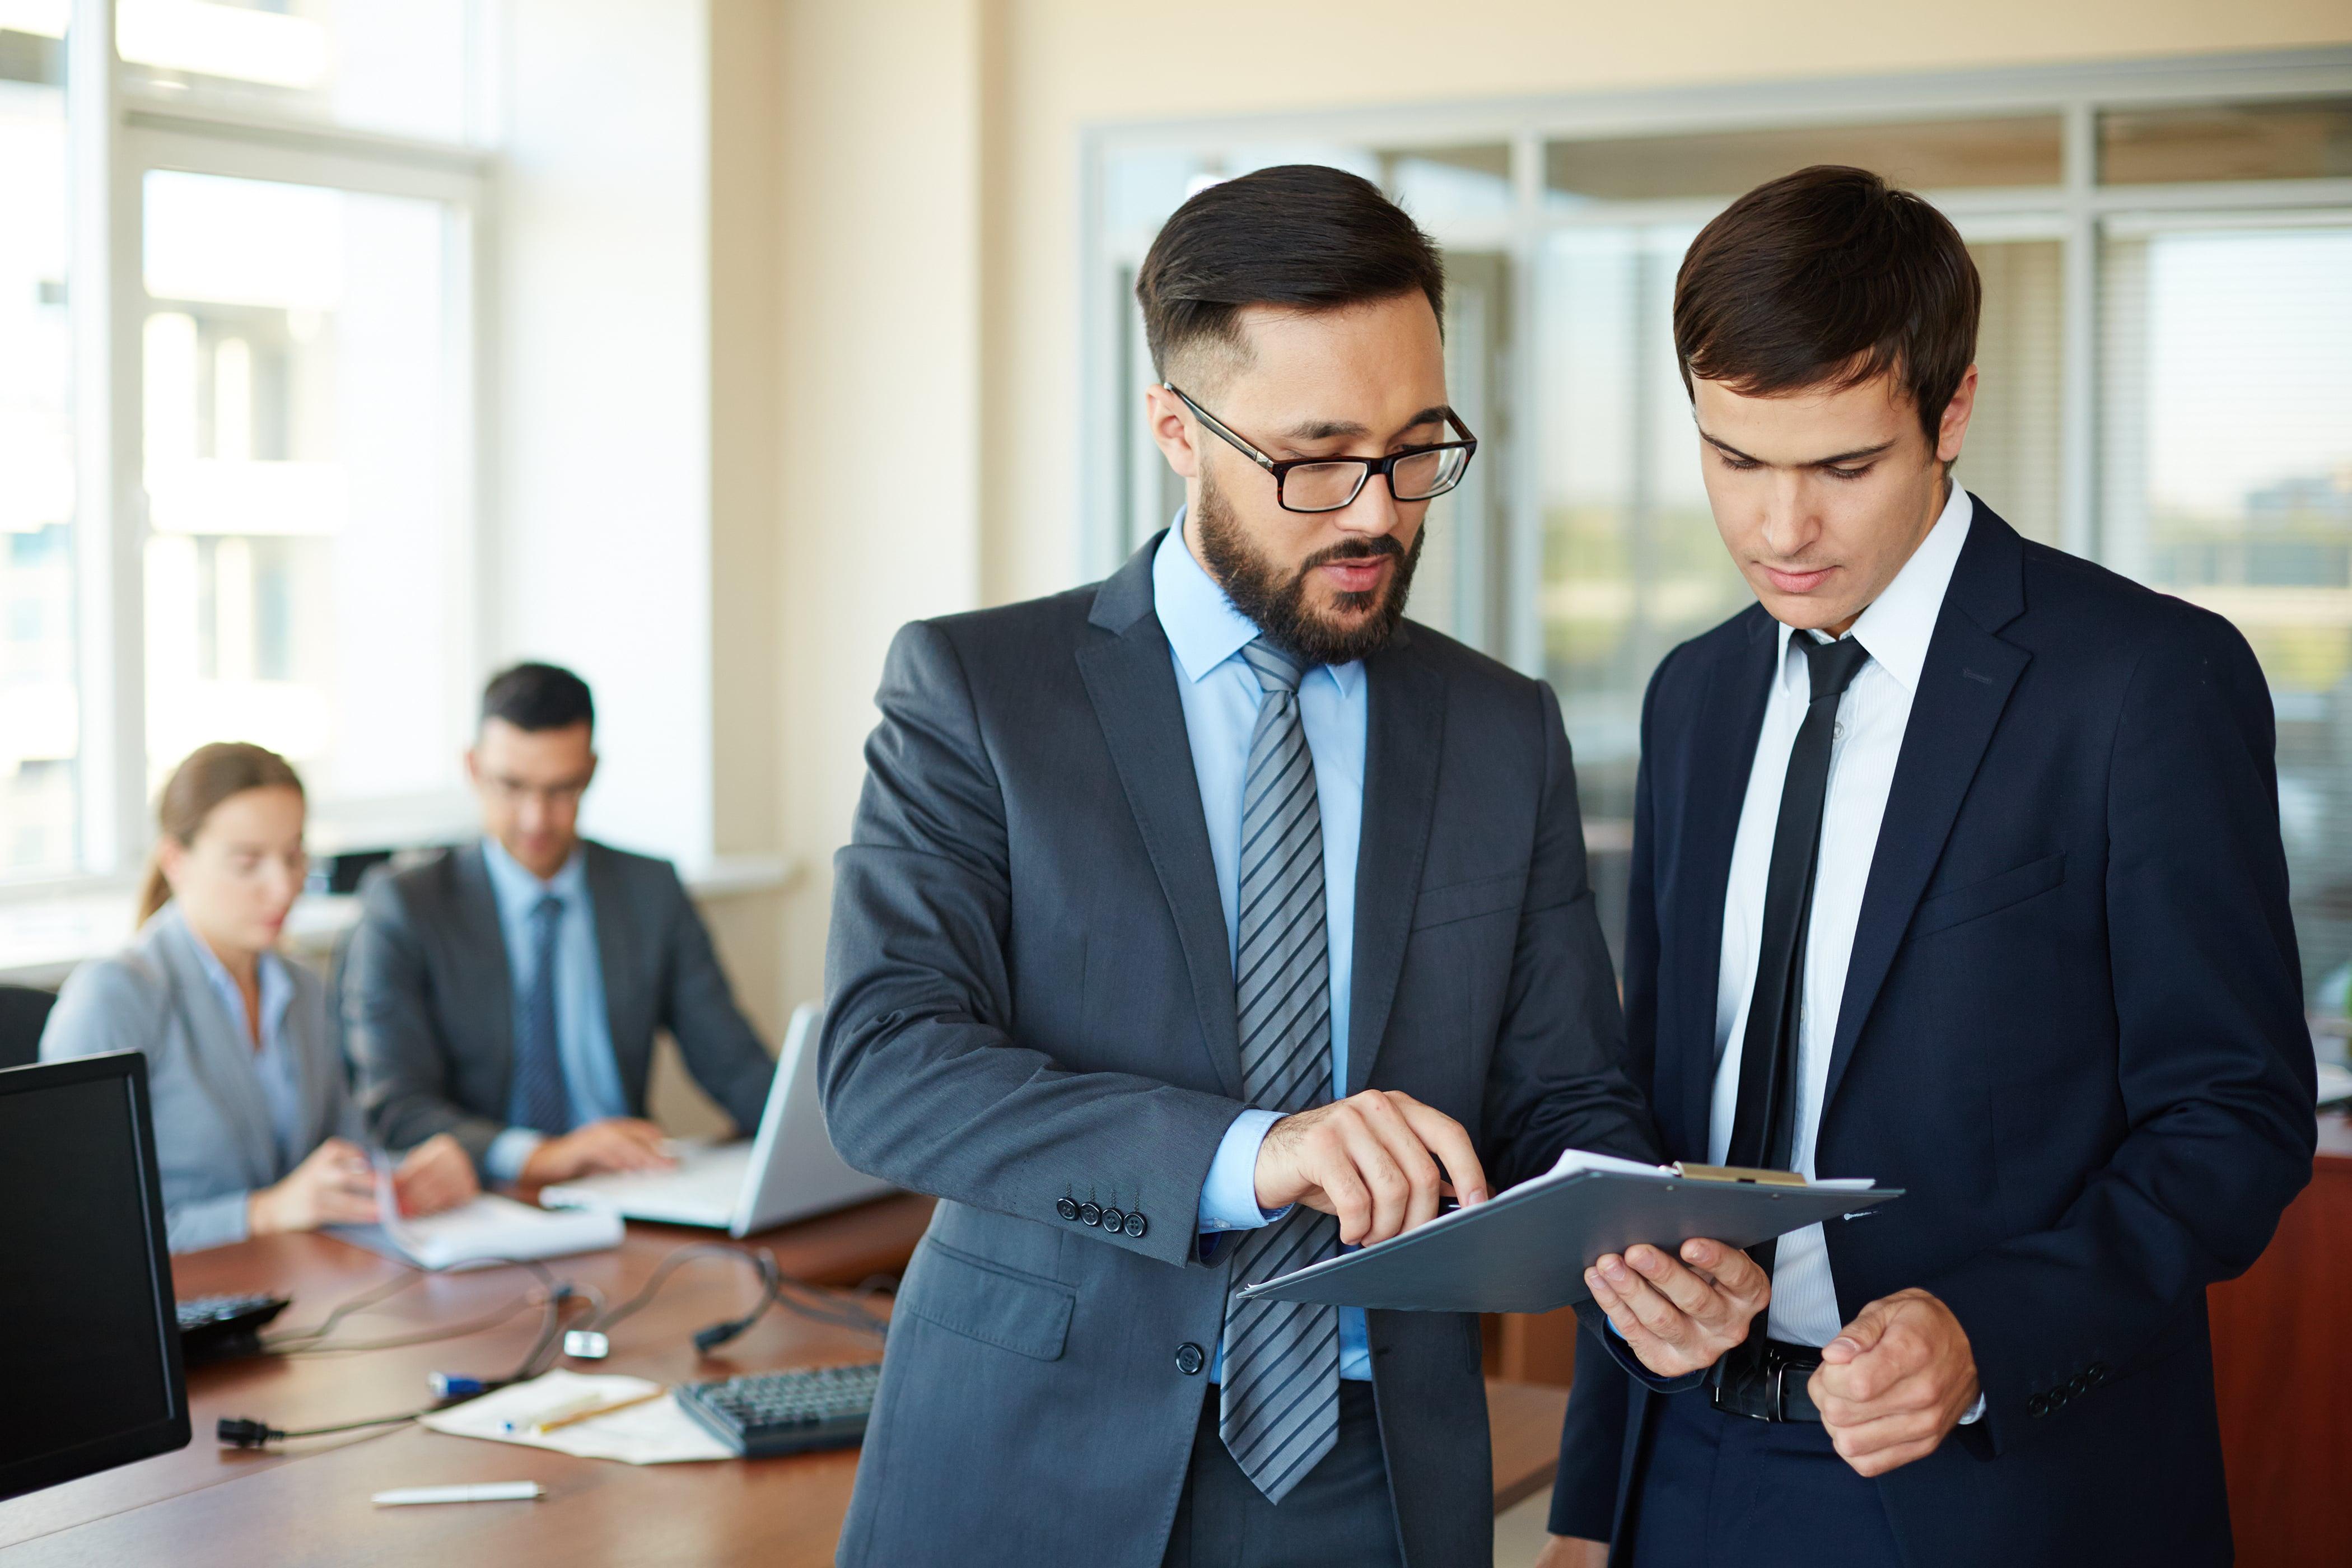 Gestión del conocimiento: ¿Cuál es su propósito dentro de las organizaciones?